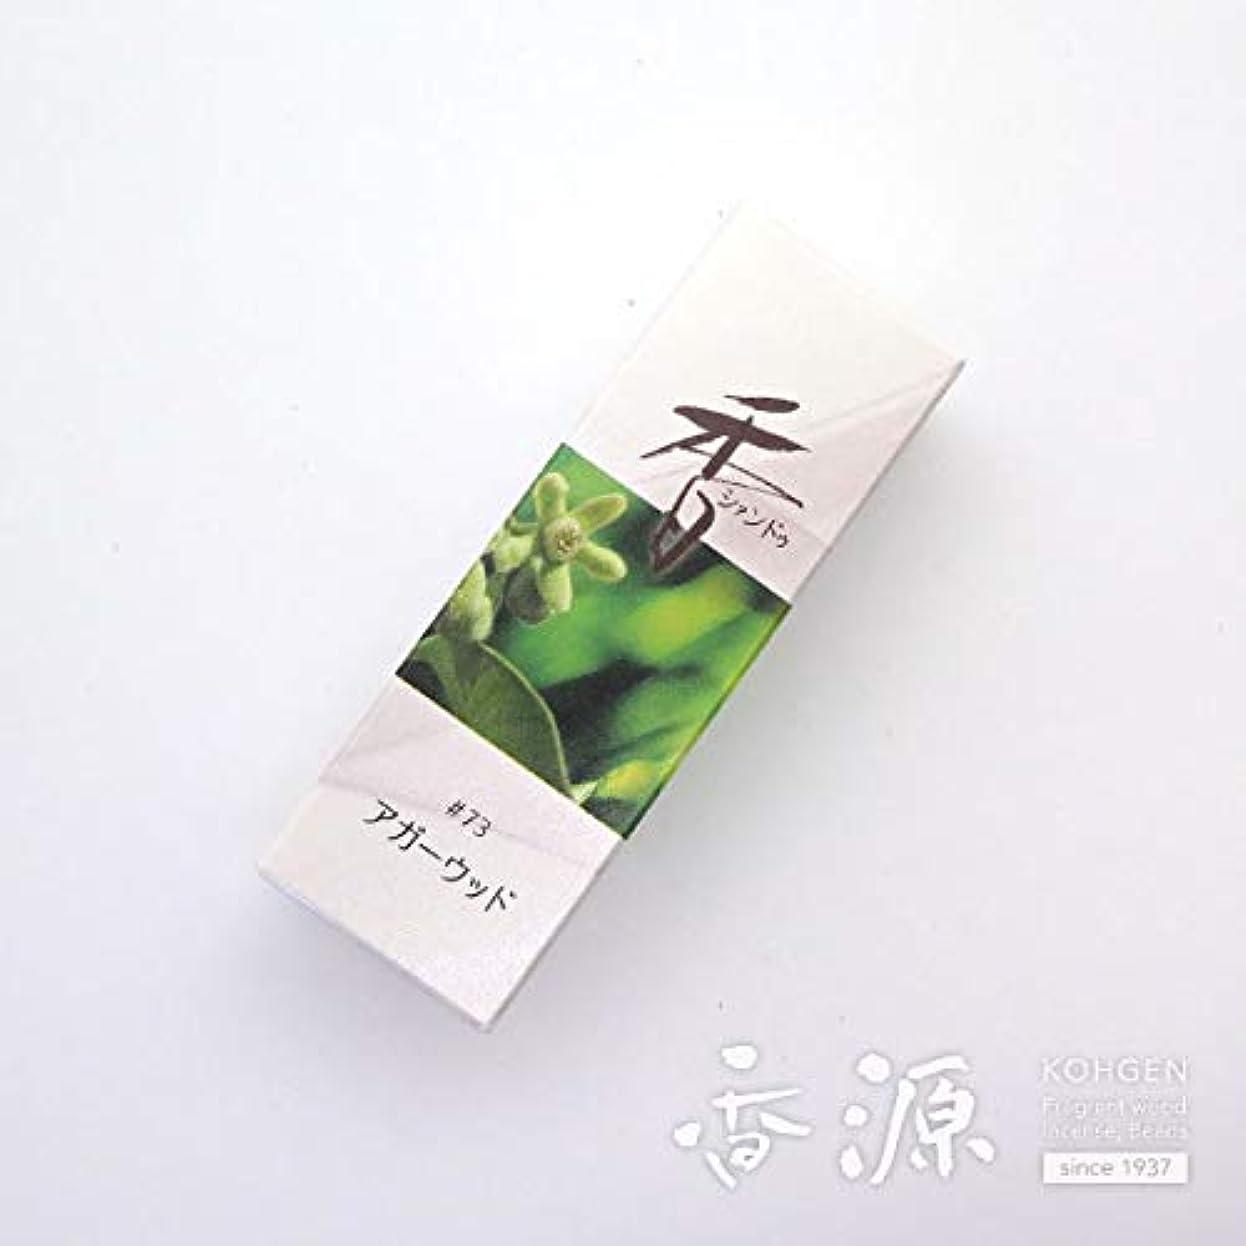 かご自然公園白内障松栄堂のお香 Xiang Do(シャンドゥ) アガーウッド ST20本入 簡易香立付 #214273